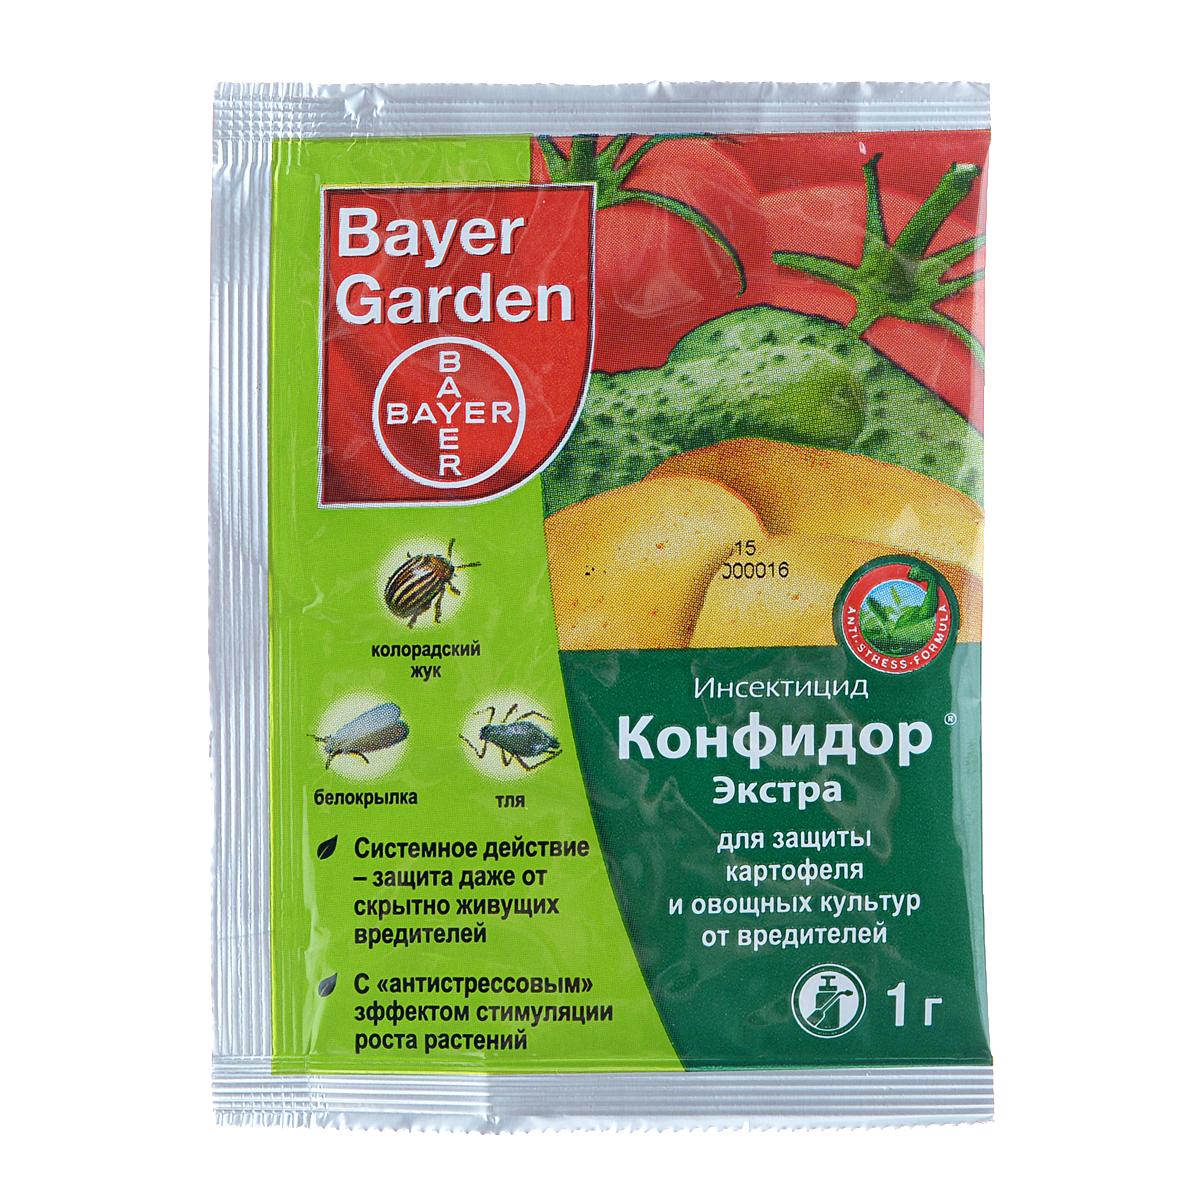 цена на Инсектицид Bayer Garden Конфидор Экстра, для защиты картофеля и овощных культур от вредителей, 1 г